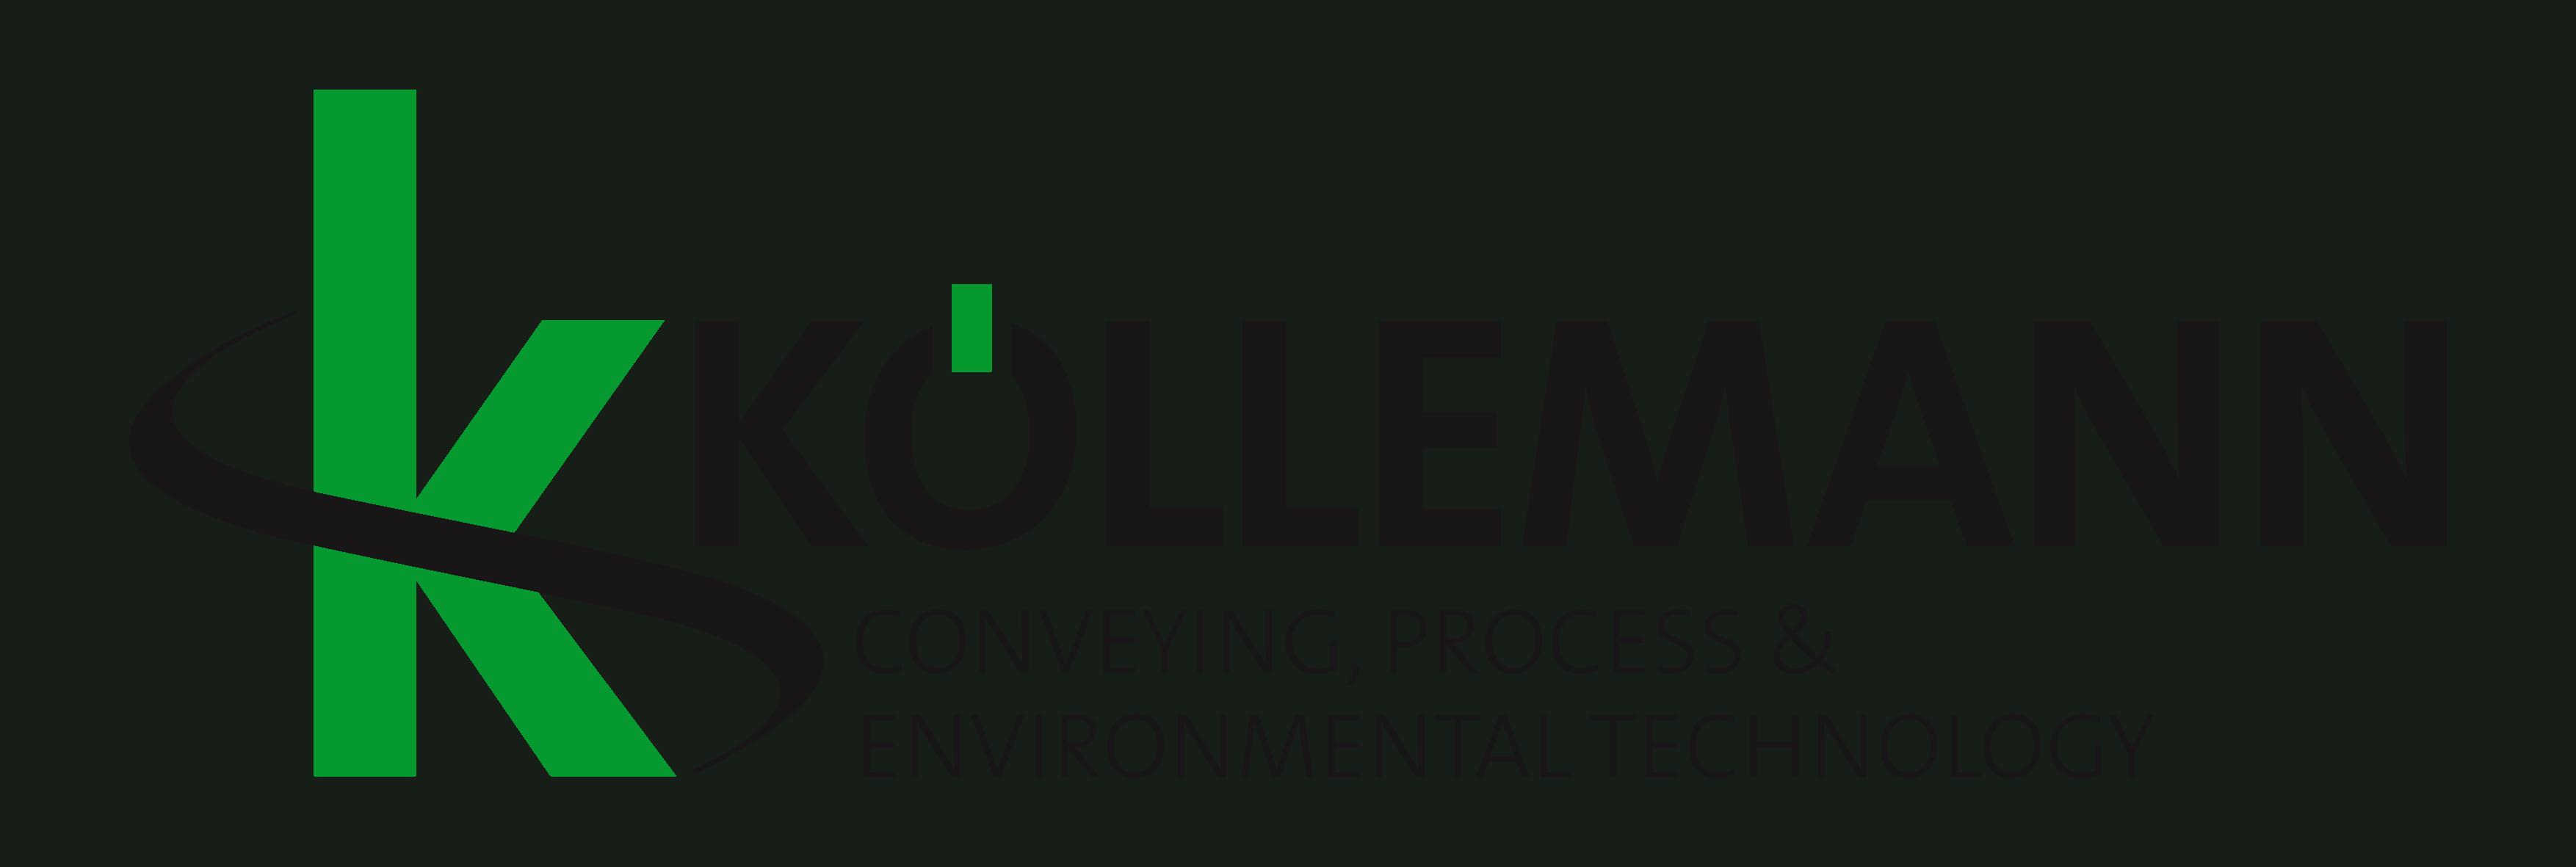 KOELLEMANN GmbH